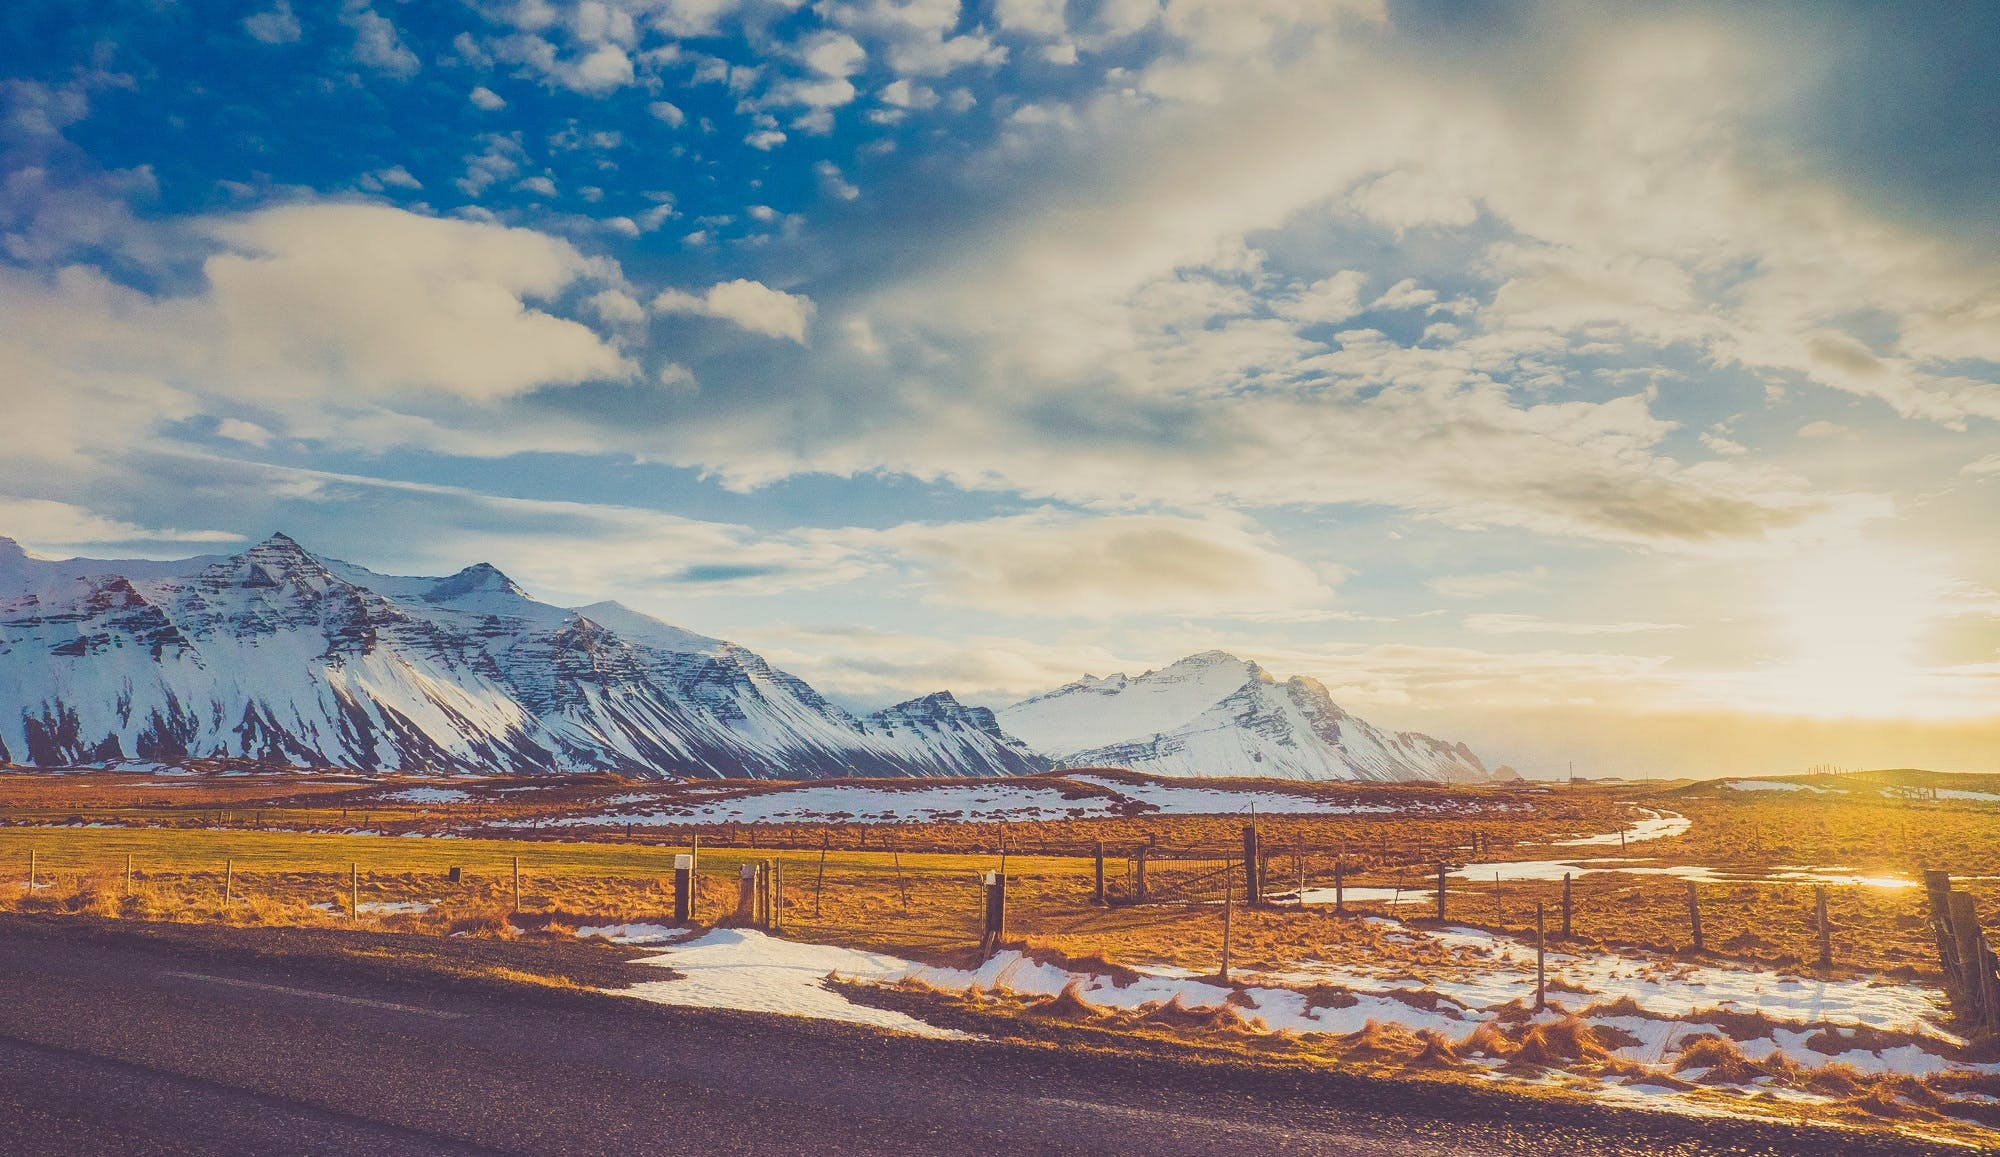 Blue Skies Above White Mountains